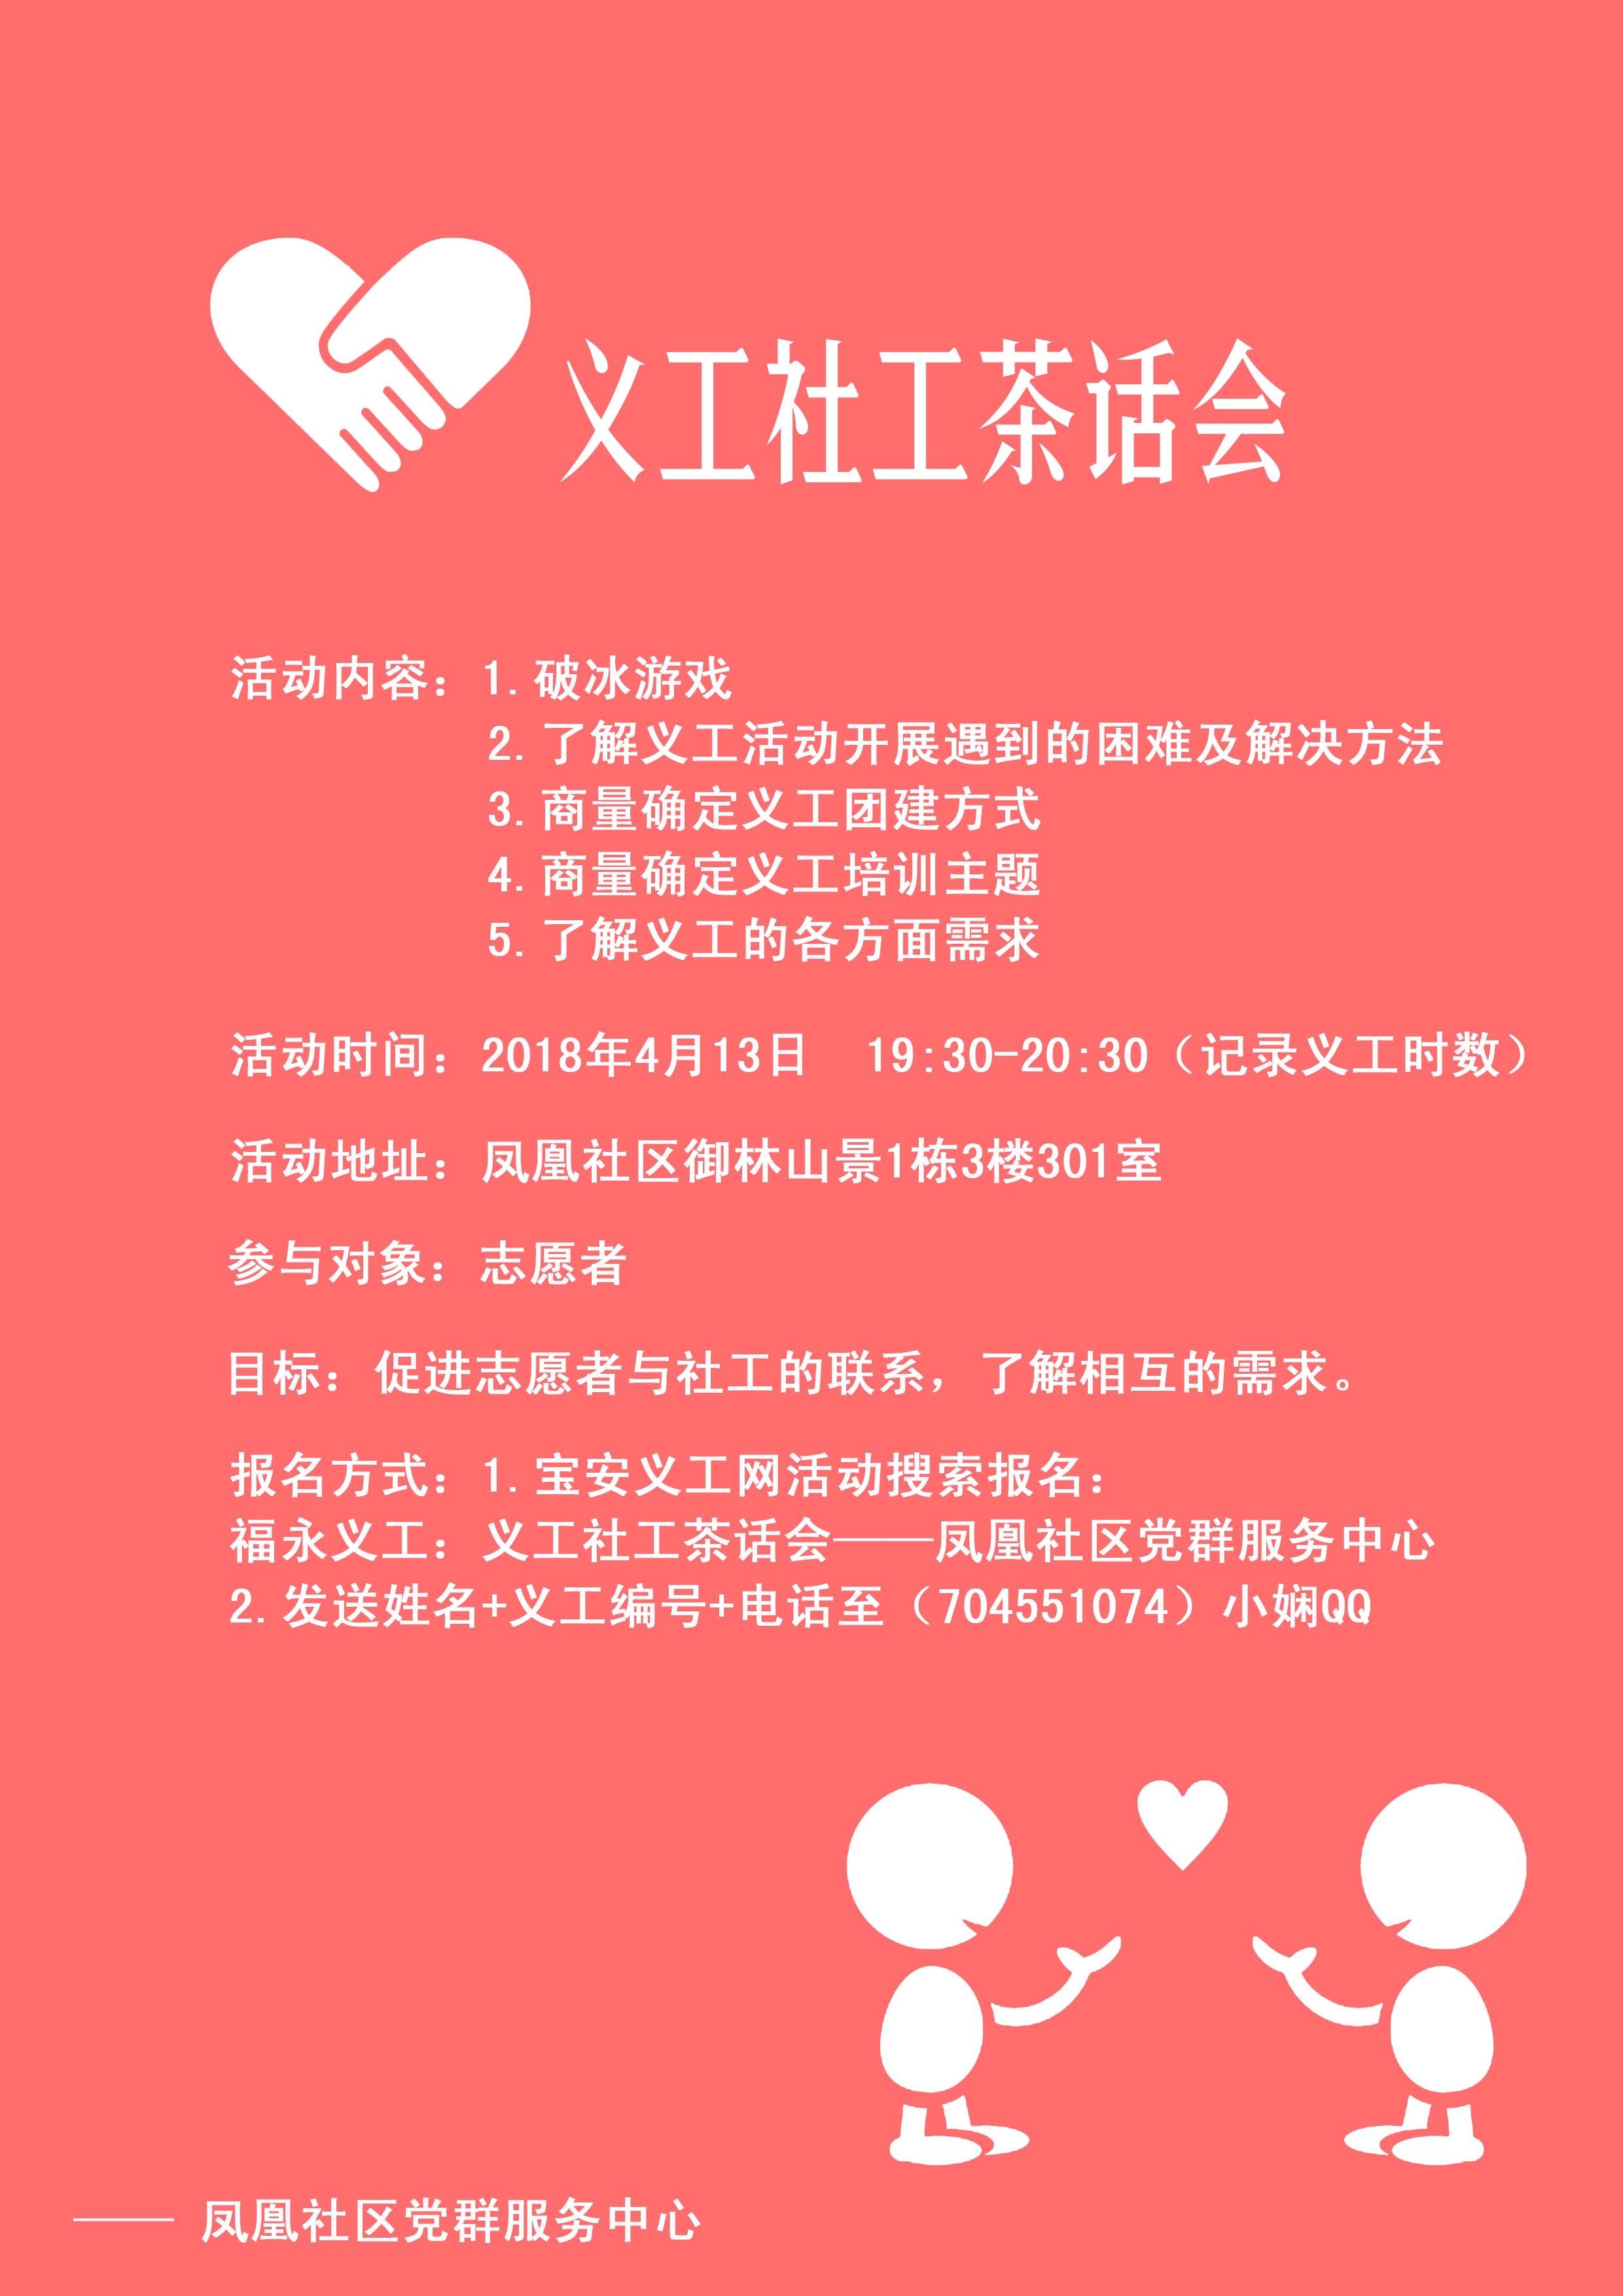 深圳社区家园网 凤凰社区 【活动招募】义工社工茶话会